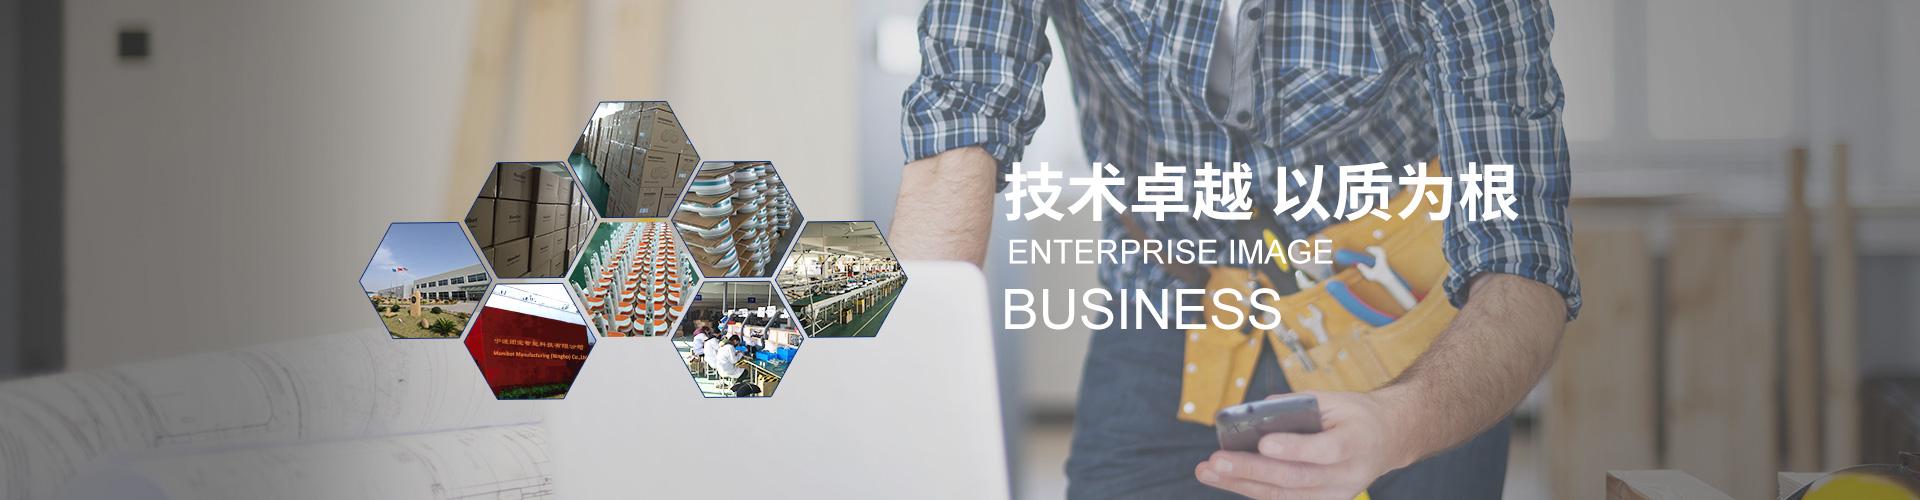 企业介绍4